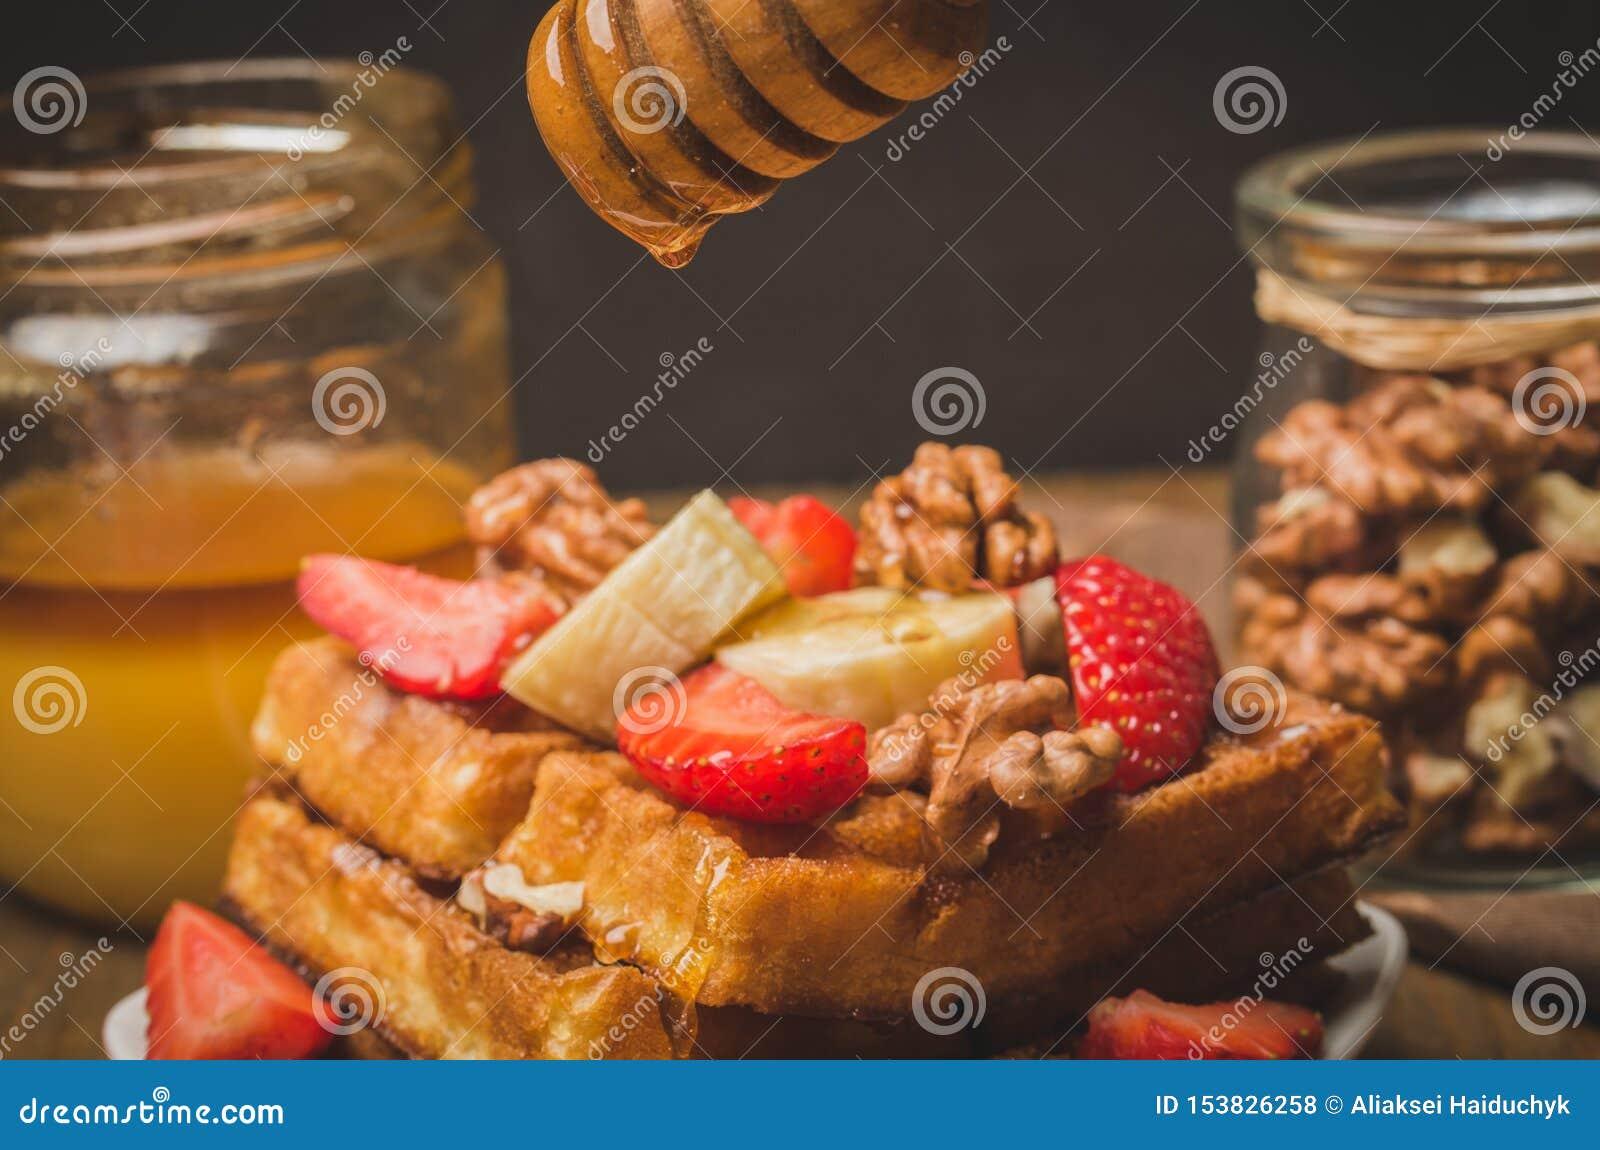 Honing die van honingsdipper op verfraaide wafeltjes, met aardbei, banaan en okkernoot druipen Sluit omhoog